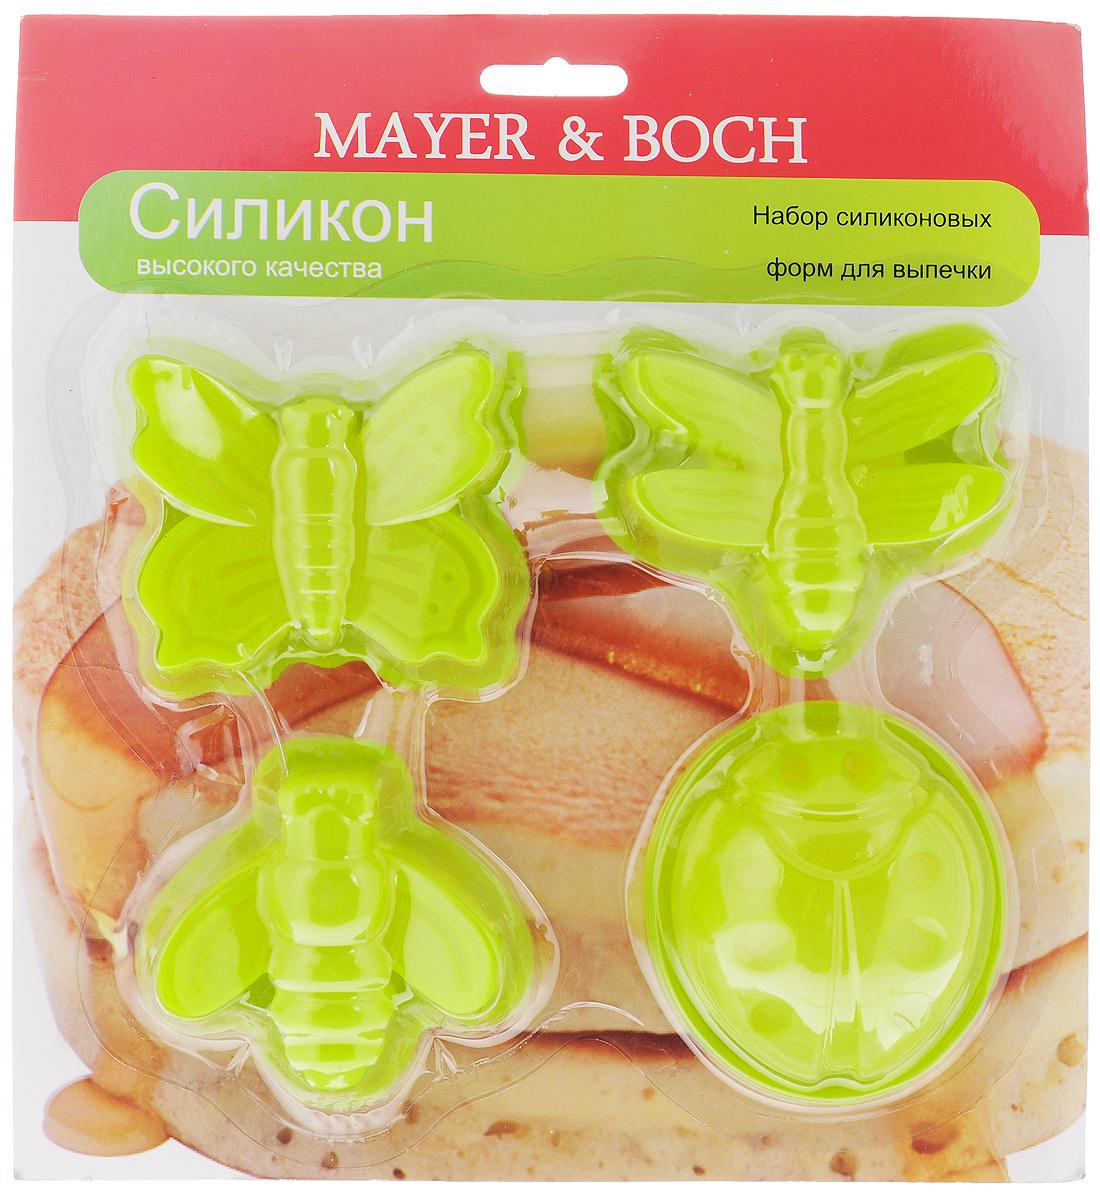 Набор форм для выпечки Mayer & Boch, цвет: салатовый, 4 шт22079_зеленыйФормы для выпечки Mayer & Boch, изготовленные из высококачественного силикона, выдерживающего температуру от -40°C до +210°C. В комплекте 4 формы, выполненные в виде насекомых. Если вы любите побаловать своих домашних вкусным и ароматным угощением по вашему оригинальному рецепту, то формы Mayer & Boch как раз то, что вам нужно! Можно использовать в духовом шкафу и микроволновой печи без использования режима гриль. Подходит для морозильной камеры и мытья в посудомоечной машине. Размеры формы: 7 х 7 х 3 см.